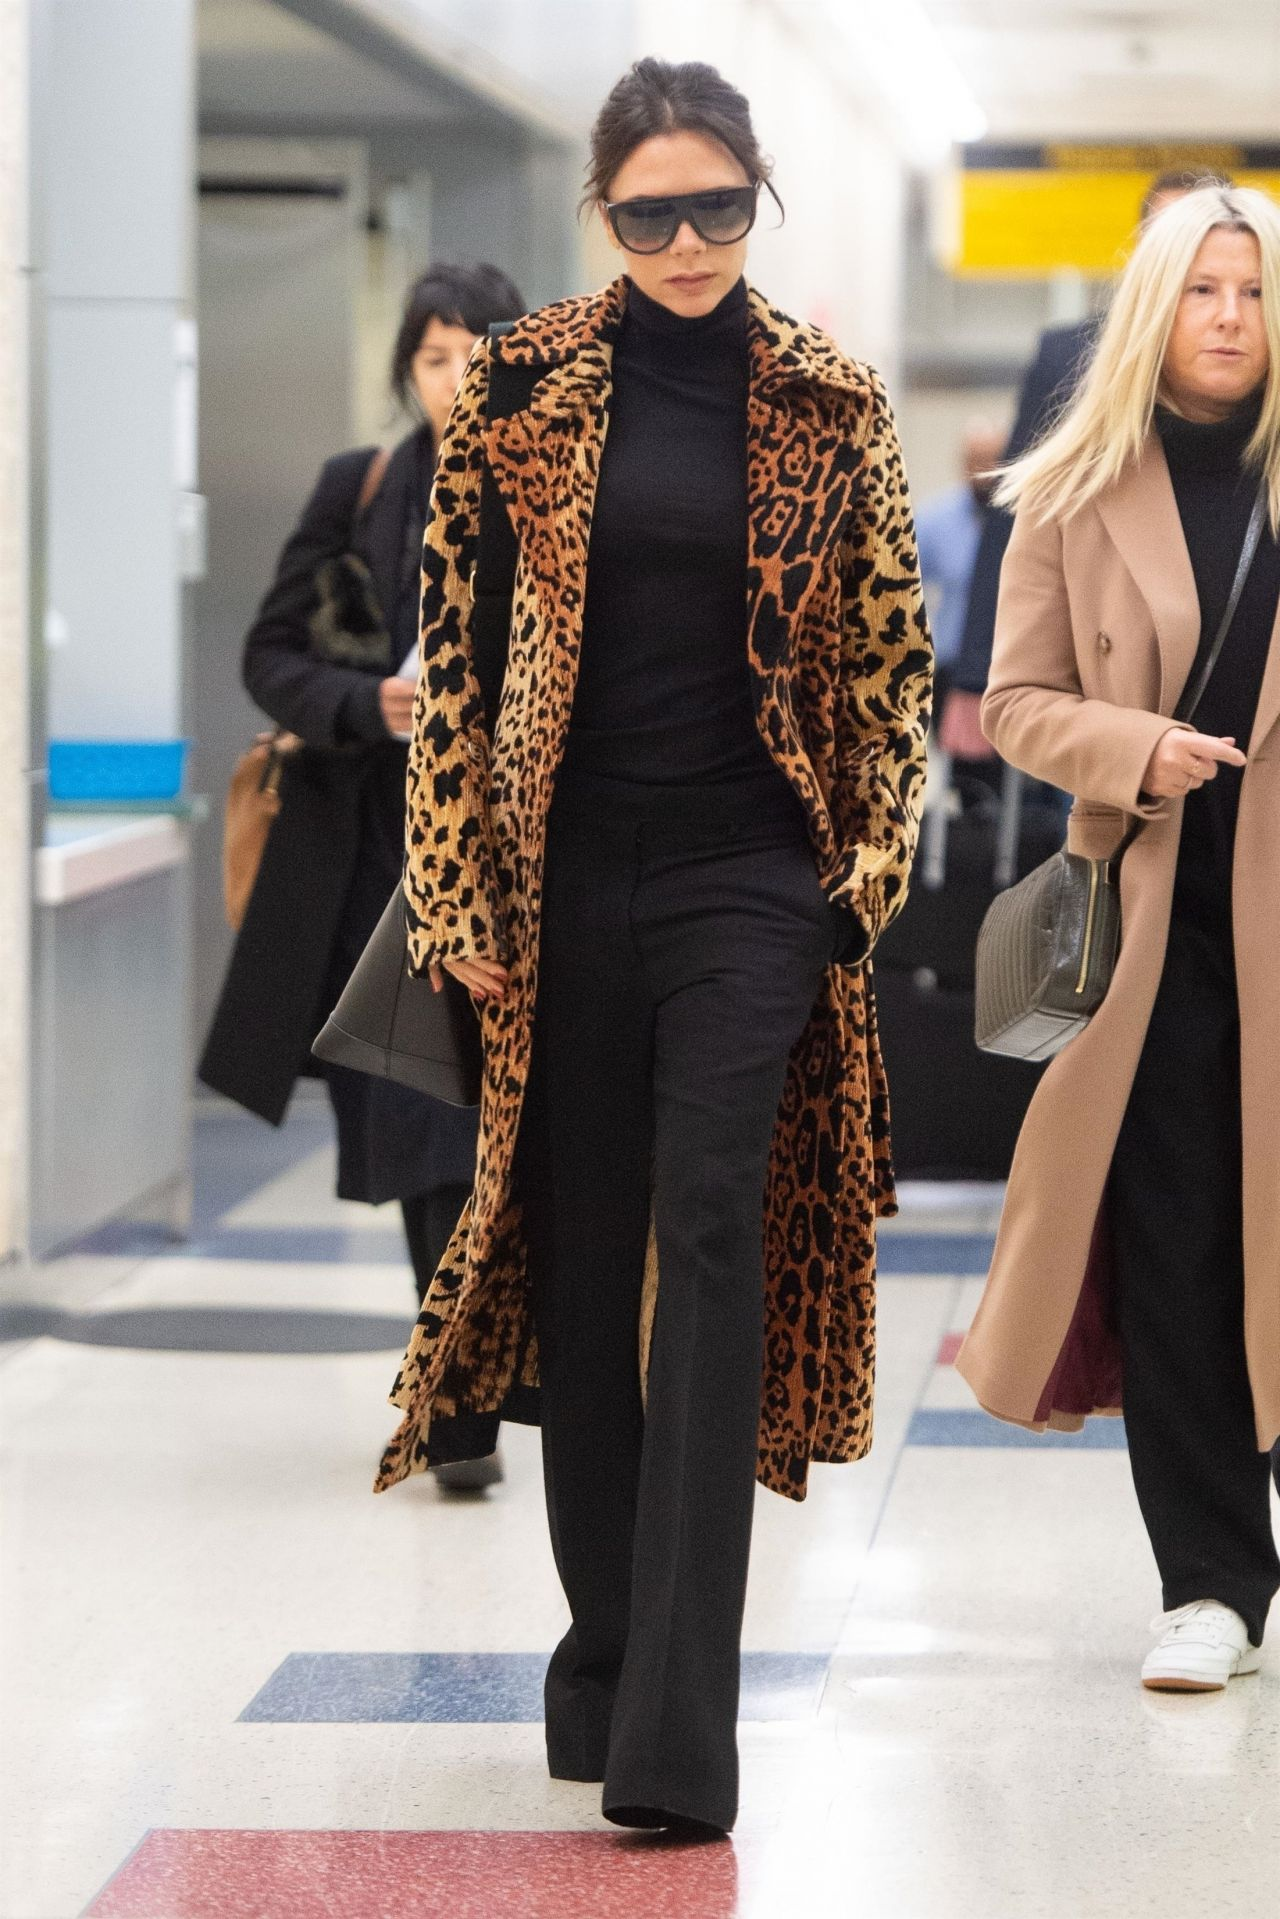 Victoria Beckham in a Faux Leopard Coat - JFK Airport in ...